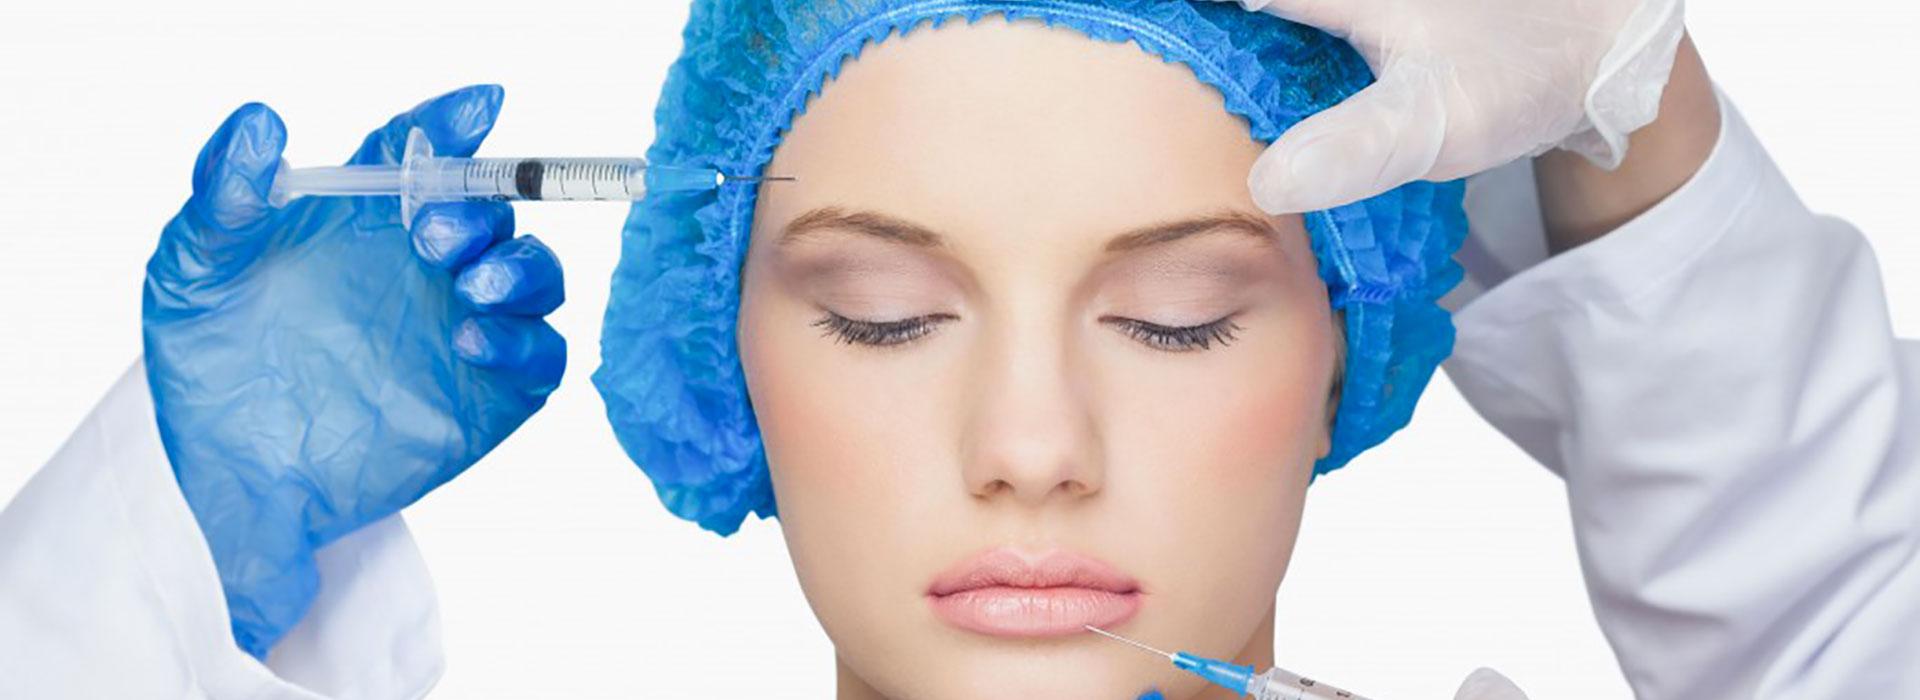 chirurgia-estetica